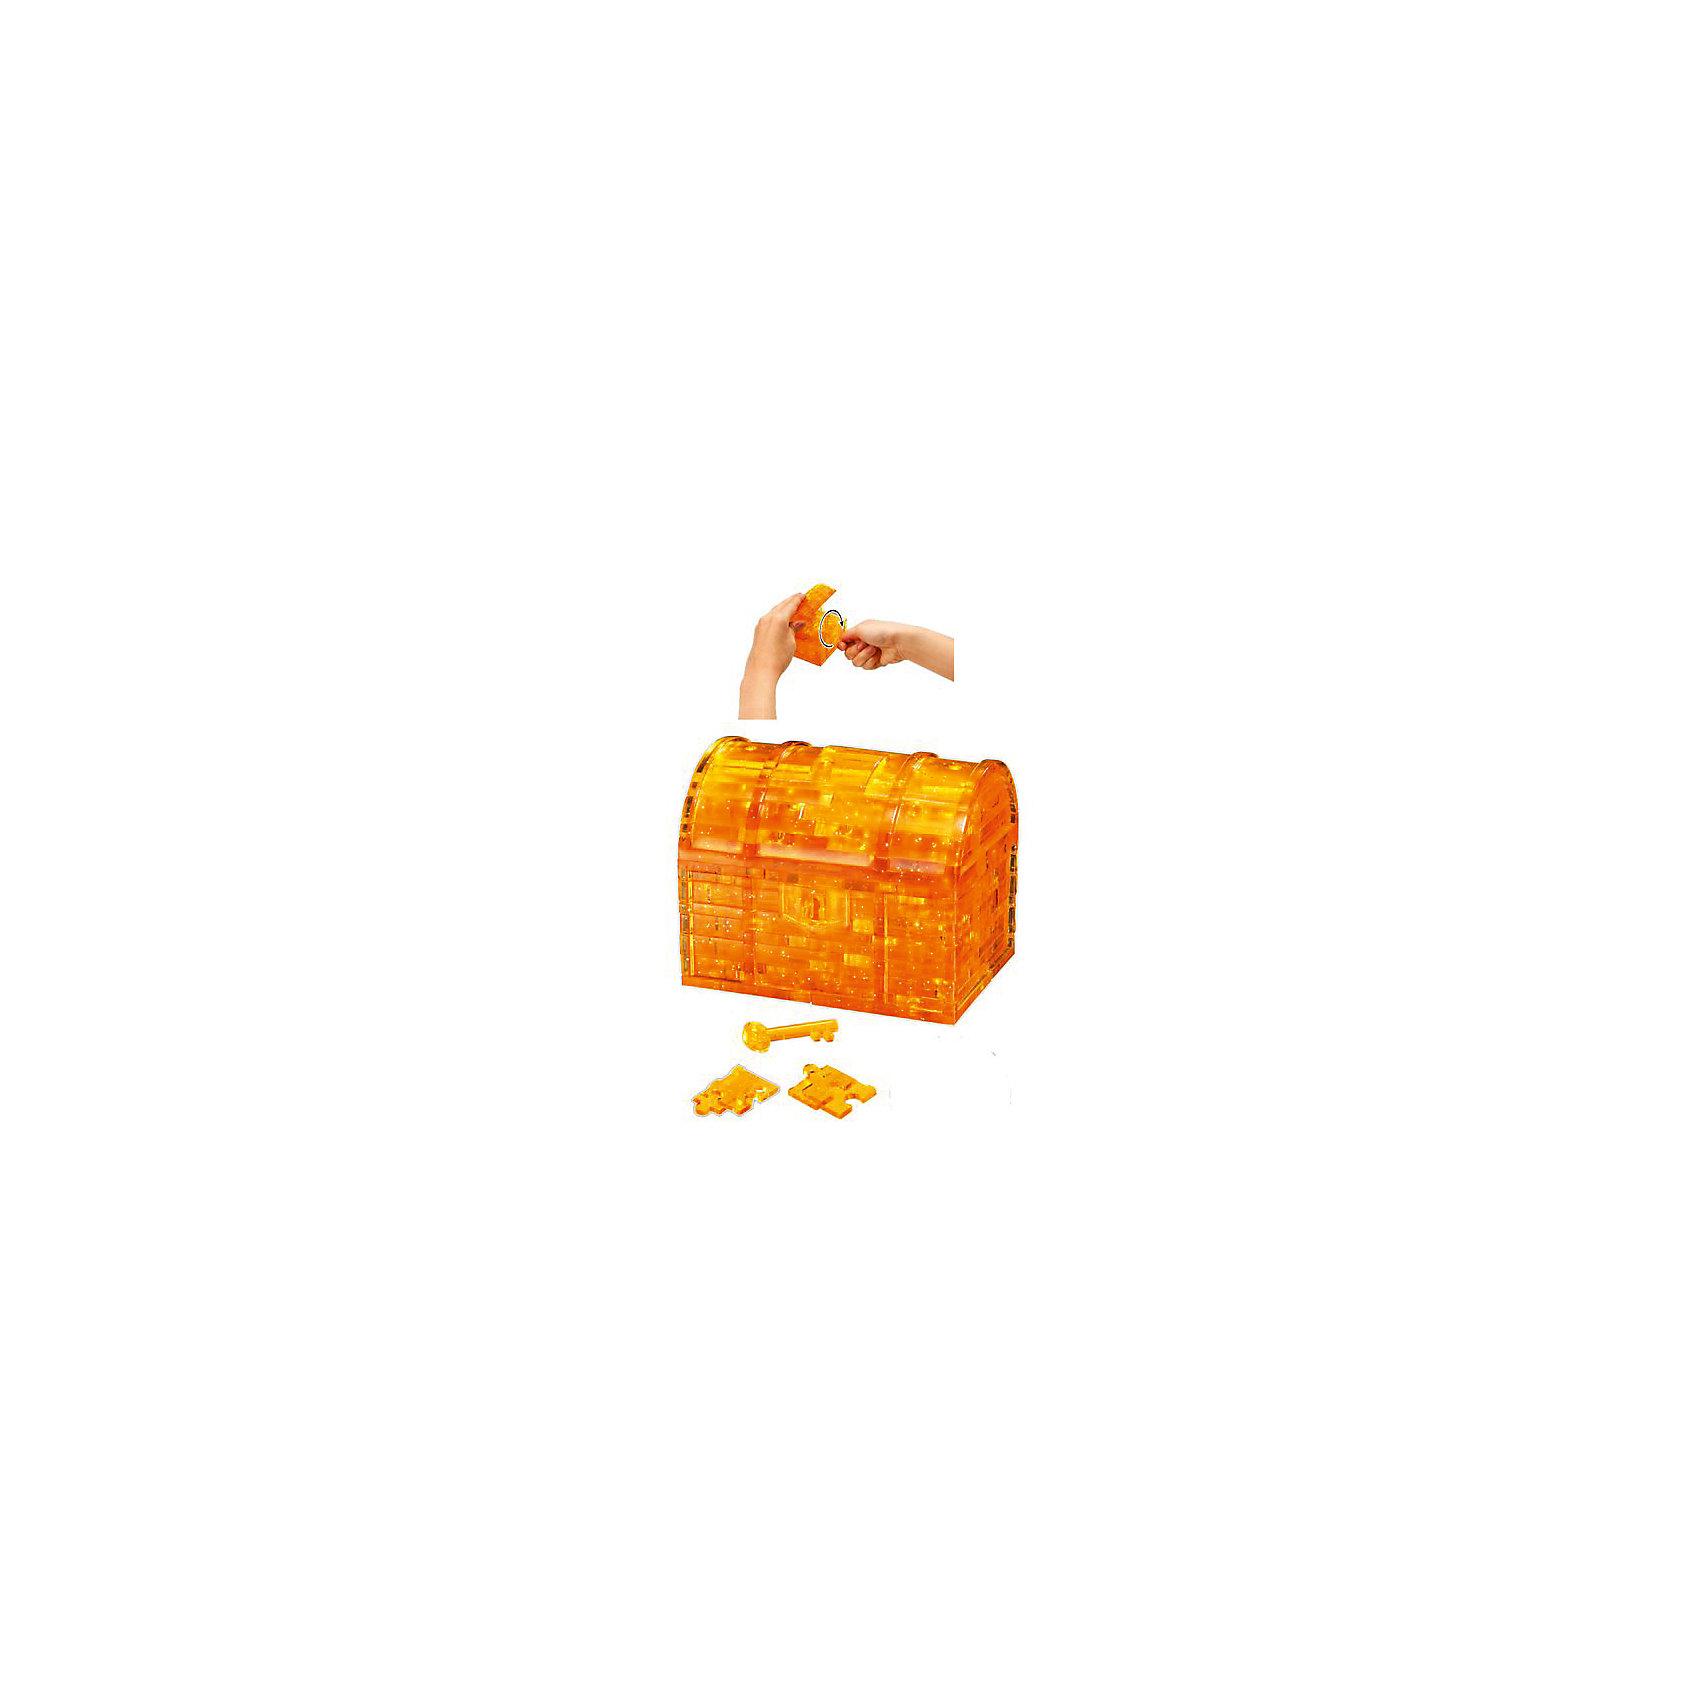 Кристаллический пазл 3D Сундук, Crystal Puzzle3D пазлы<br>Кристаллический пазл 3D Сундук, Crystal Puzzle (Кристал Пазл)<br><br>Характеристики:<br><br>• яркий объемный пазл<br>• размер готовой фигурки: 9 см<br>• количество деталей: 52<br>• высокая сложность<br>• размер упаковки: 5х14х10 см<br>• вес: 281 грамм<br>• материал: пластик<br><br>3D пазл от Crystal Puzzle - настоящая находка для юных искателей сокровищ! В набор входят 52 детали, собрав которые вы сделаете сверкающий сундучок пирата, закрывающий с помощью ключа. Готовая фигурка станет приятным украшением интерьера любой комнаты. Игра поможет развить пространственное мышление, логику, усидчивость и внимательность.<br><br>Кристаллический пазл 3D Сундук, Crystal Puzzle (Кристал Пазл) вы можете купить в нашем интернет-магазине.<br><br>Ширина мм: 100<br>Глубина мм: 140<br>Высота мм: 50<br>Вес г: 281<br>Возраст от месяцев: 120<br>Возраст до месяцев: 2147483647<br>Пол: Унисекс<br>Возраст: Детский<br>SKU: 5397248